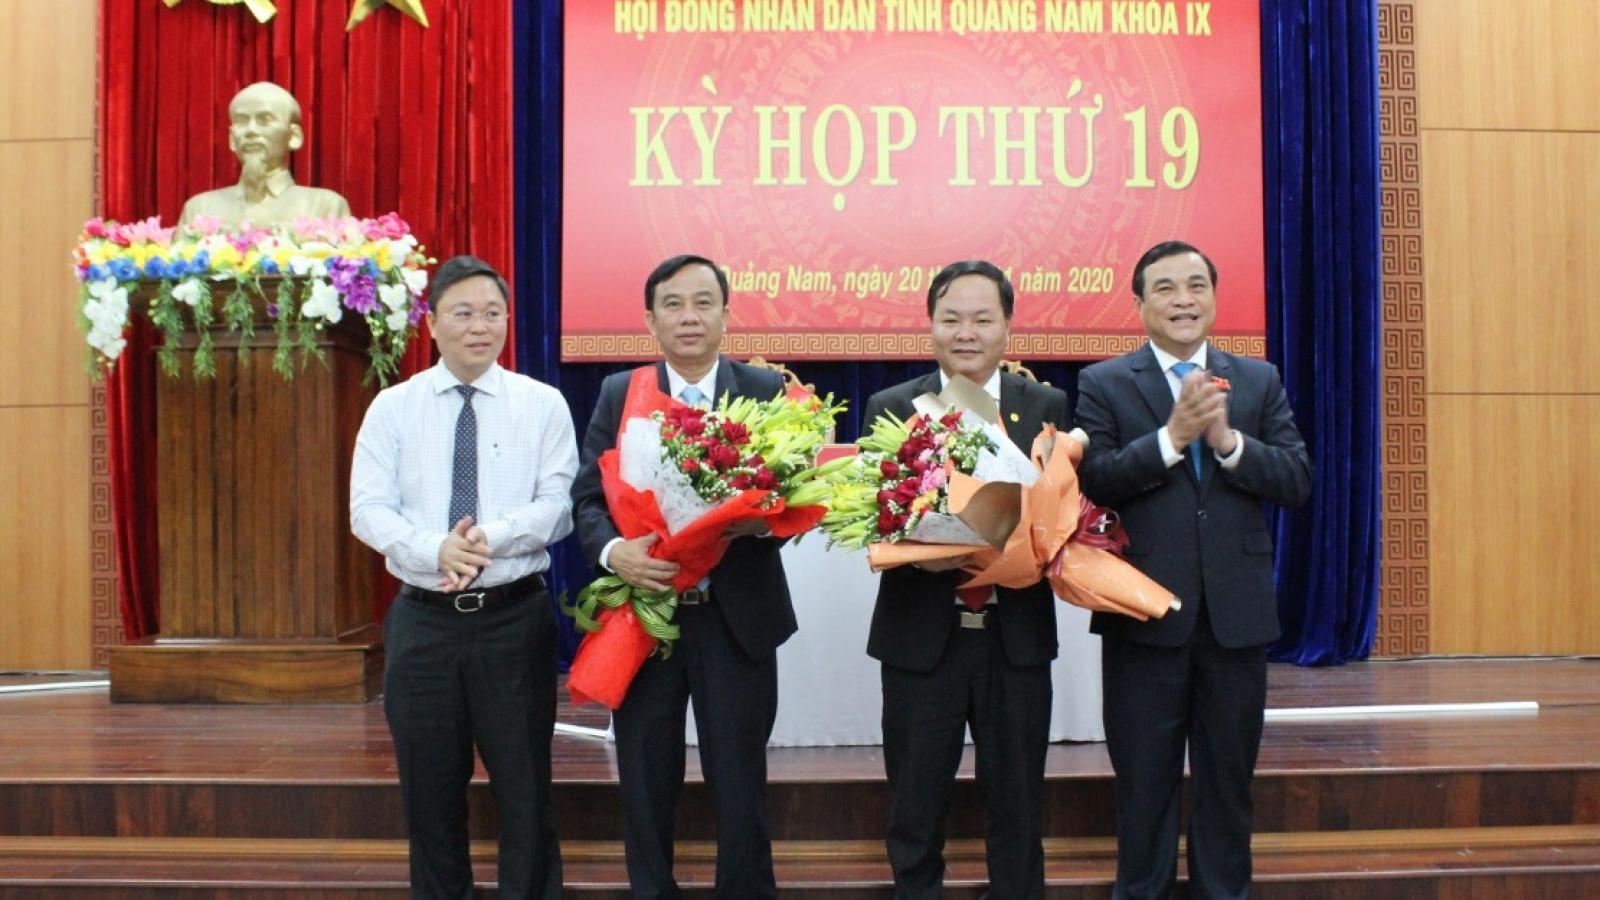 Bí thư Thành ủy Tam Kỳ được bầu làm Phó Chủ tịch tỉnh Quảng Nam